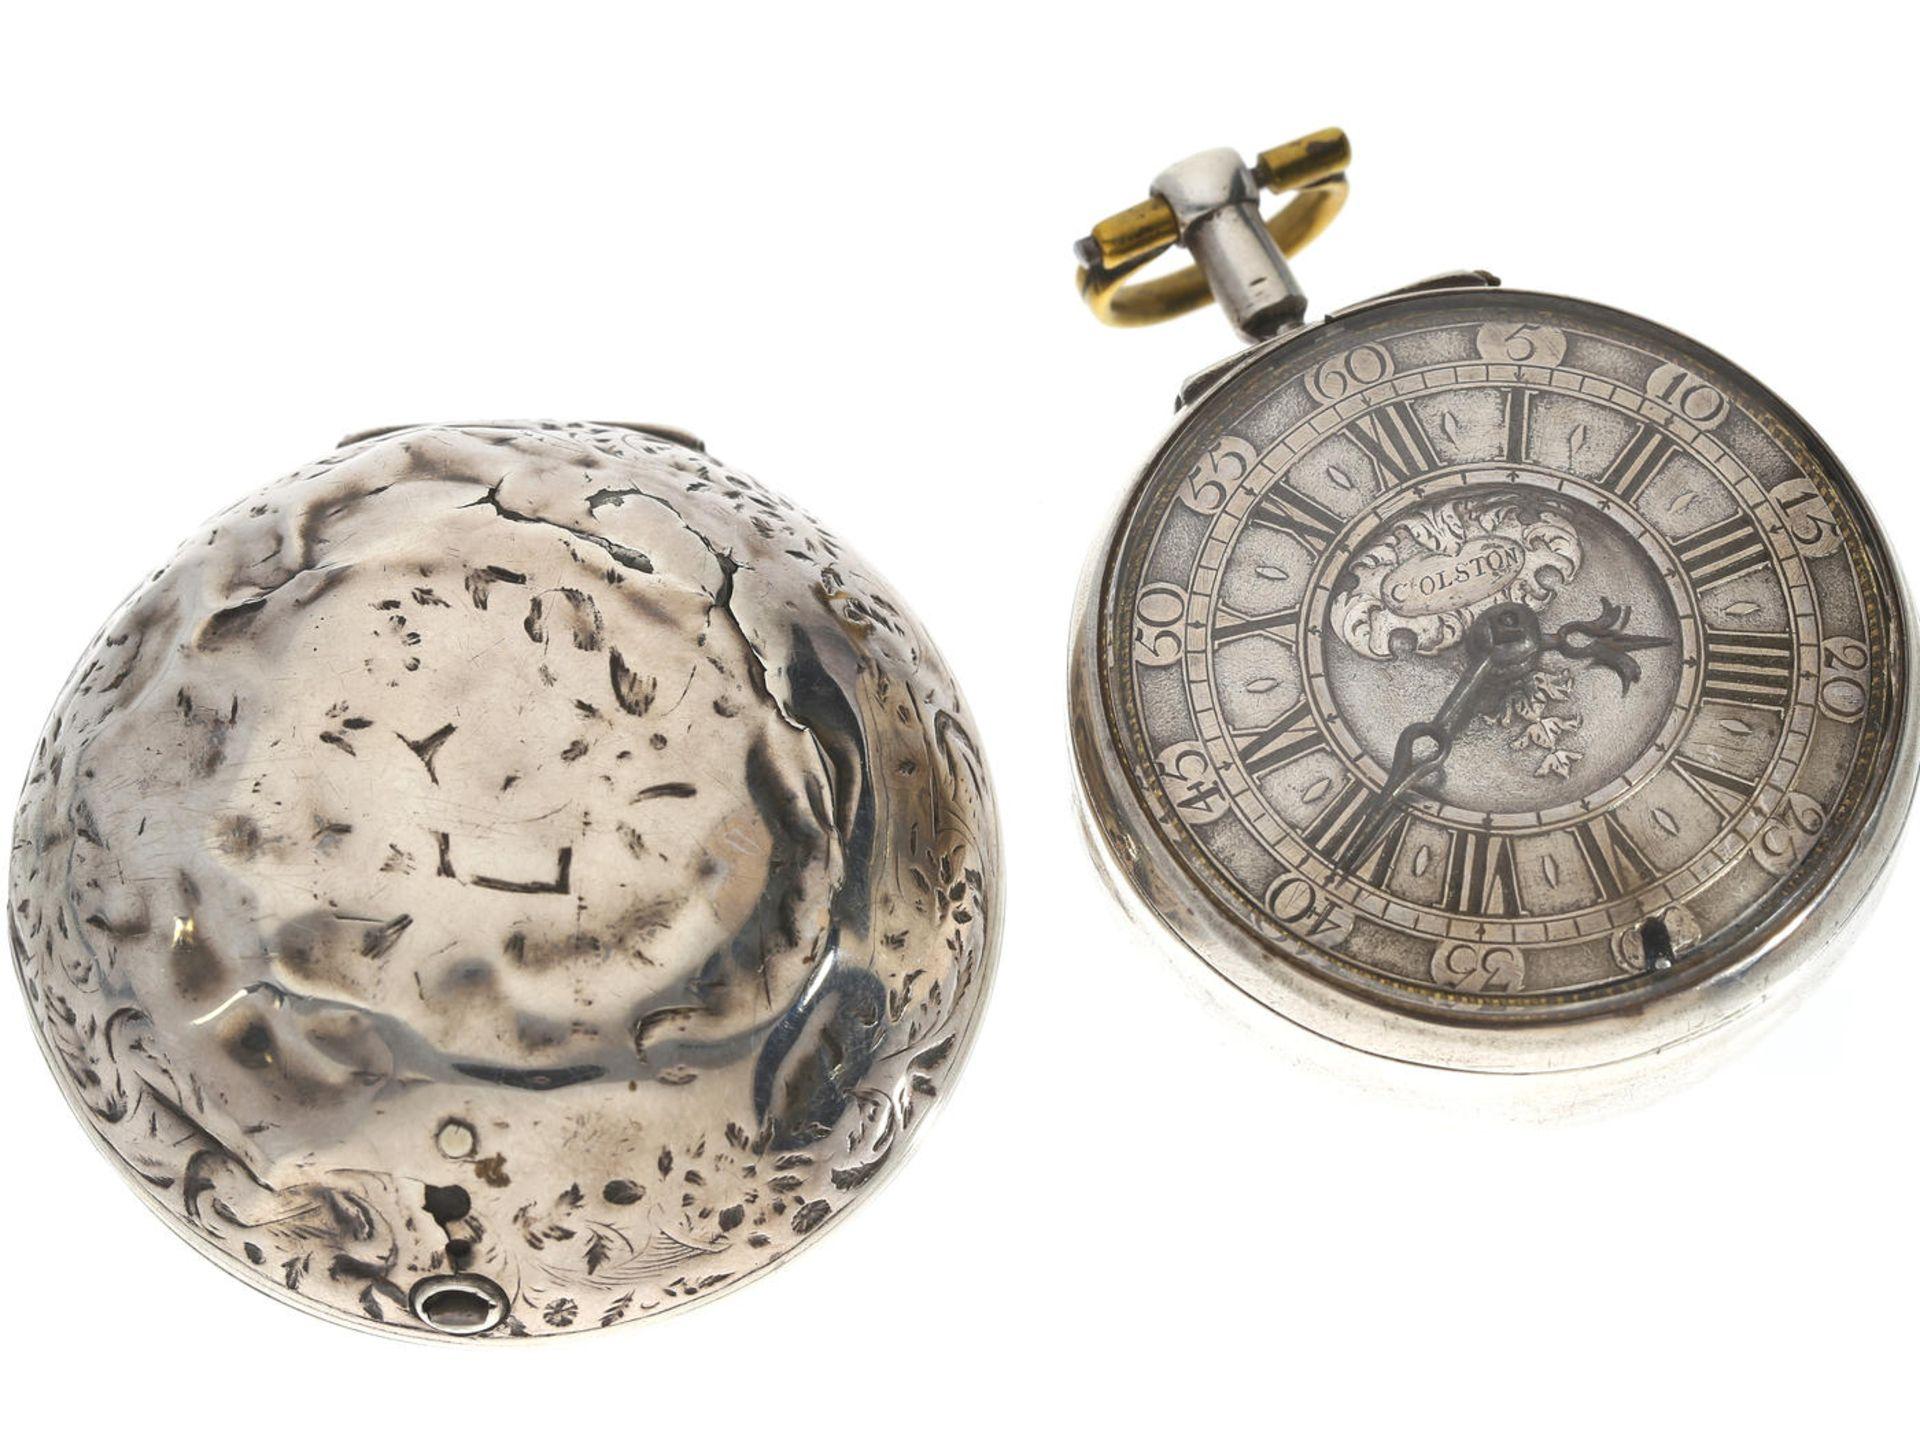 Los 6056 - Taschenuhr: museale, ganz frühe englische Doppelgehäuse-Spindeluhr, Richard Colston (1682-1709),